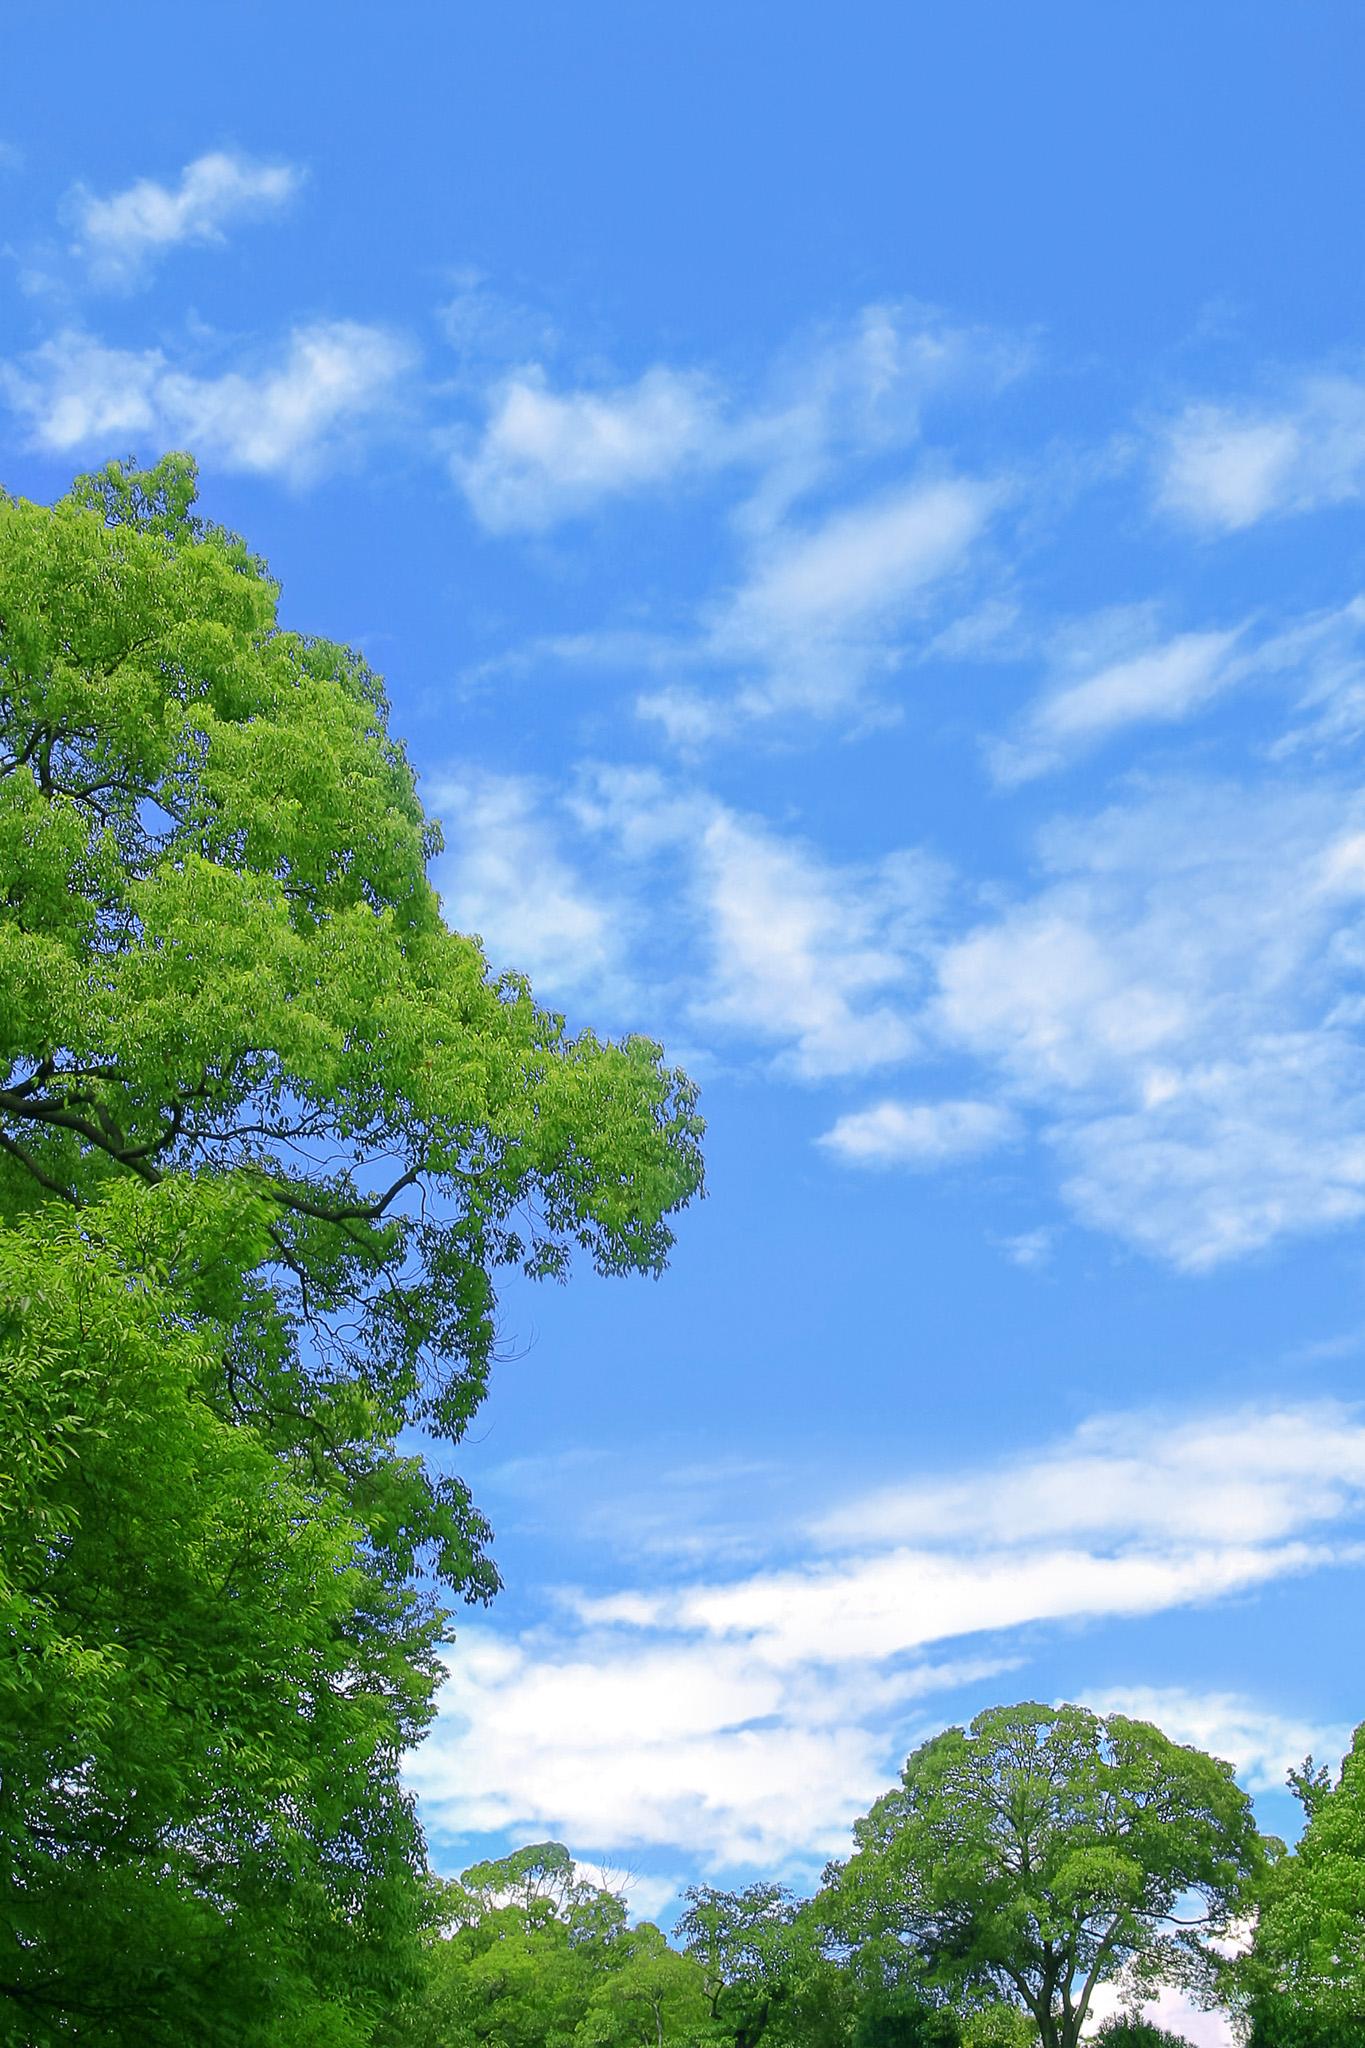 「緑と紅葉の木々」の素材を無料ダウンロード